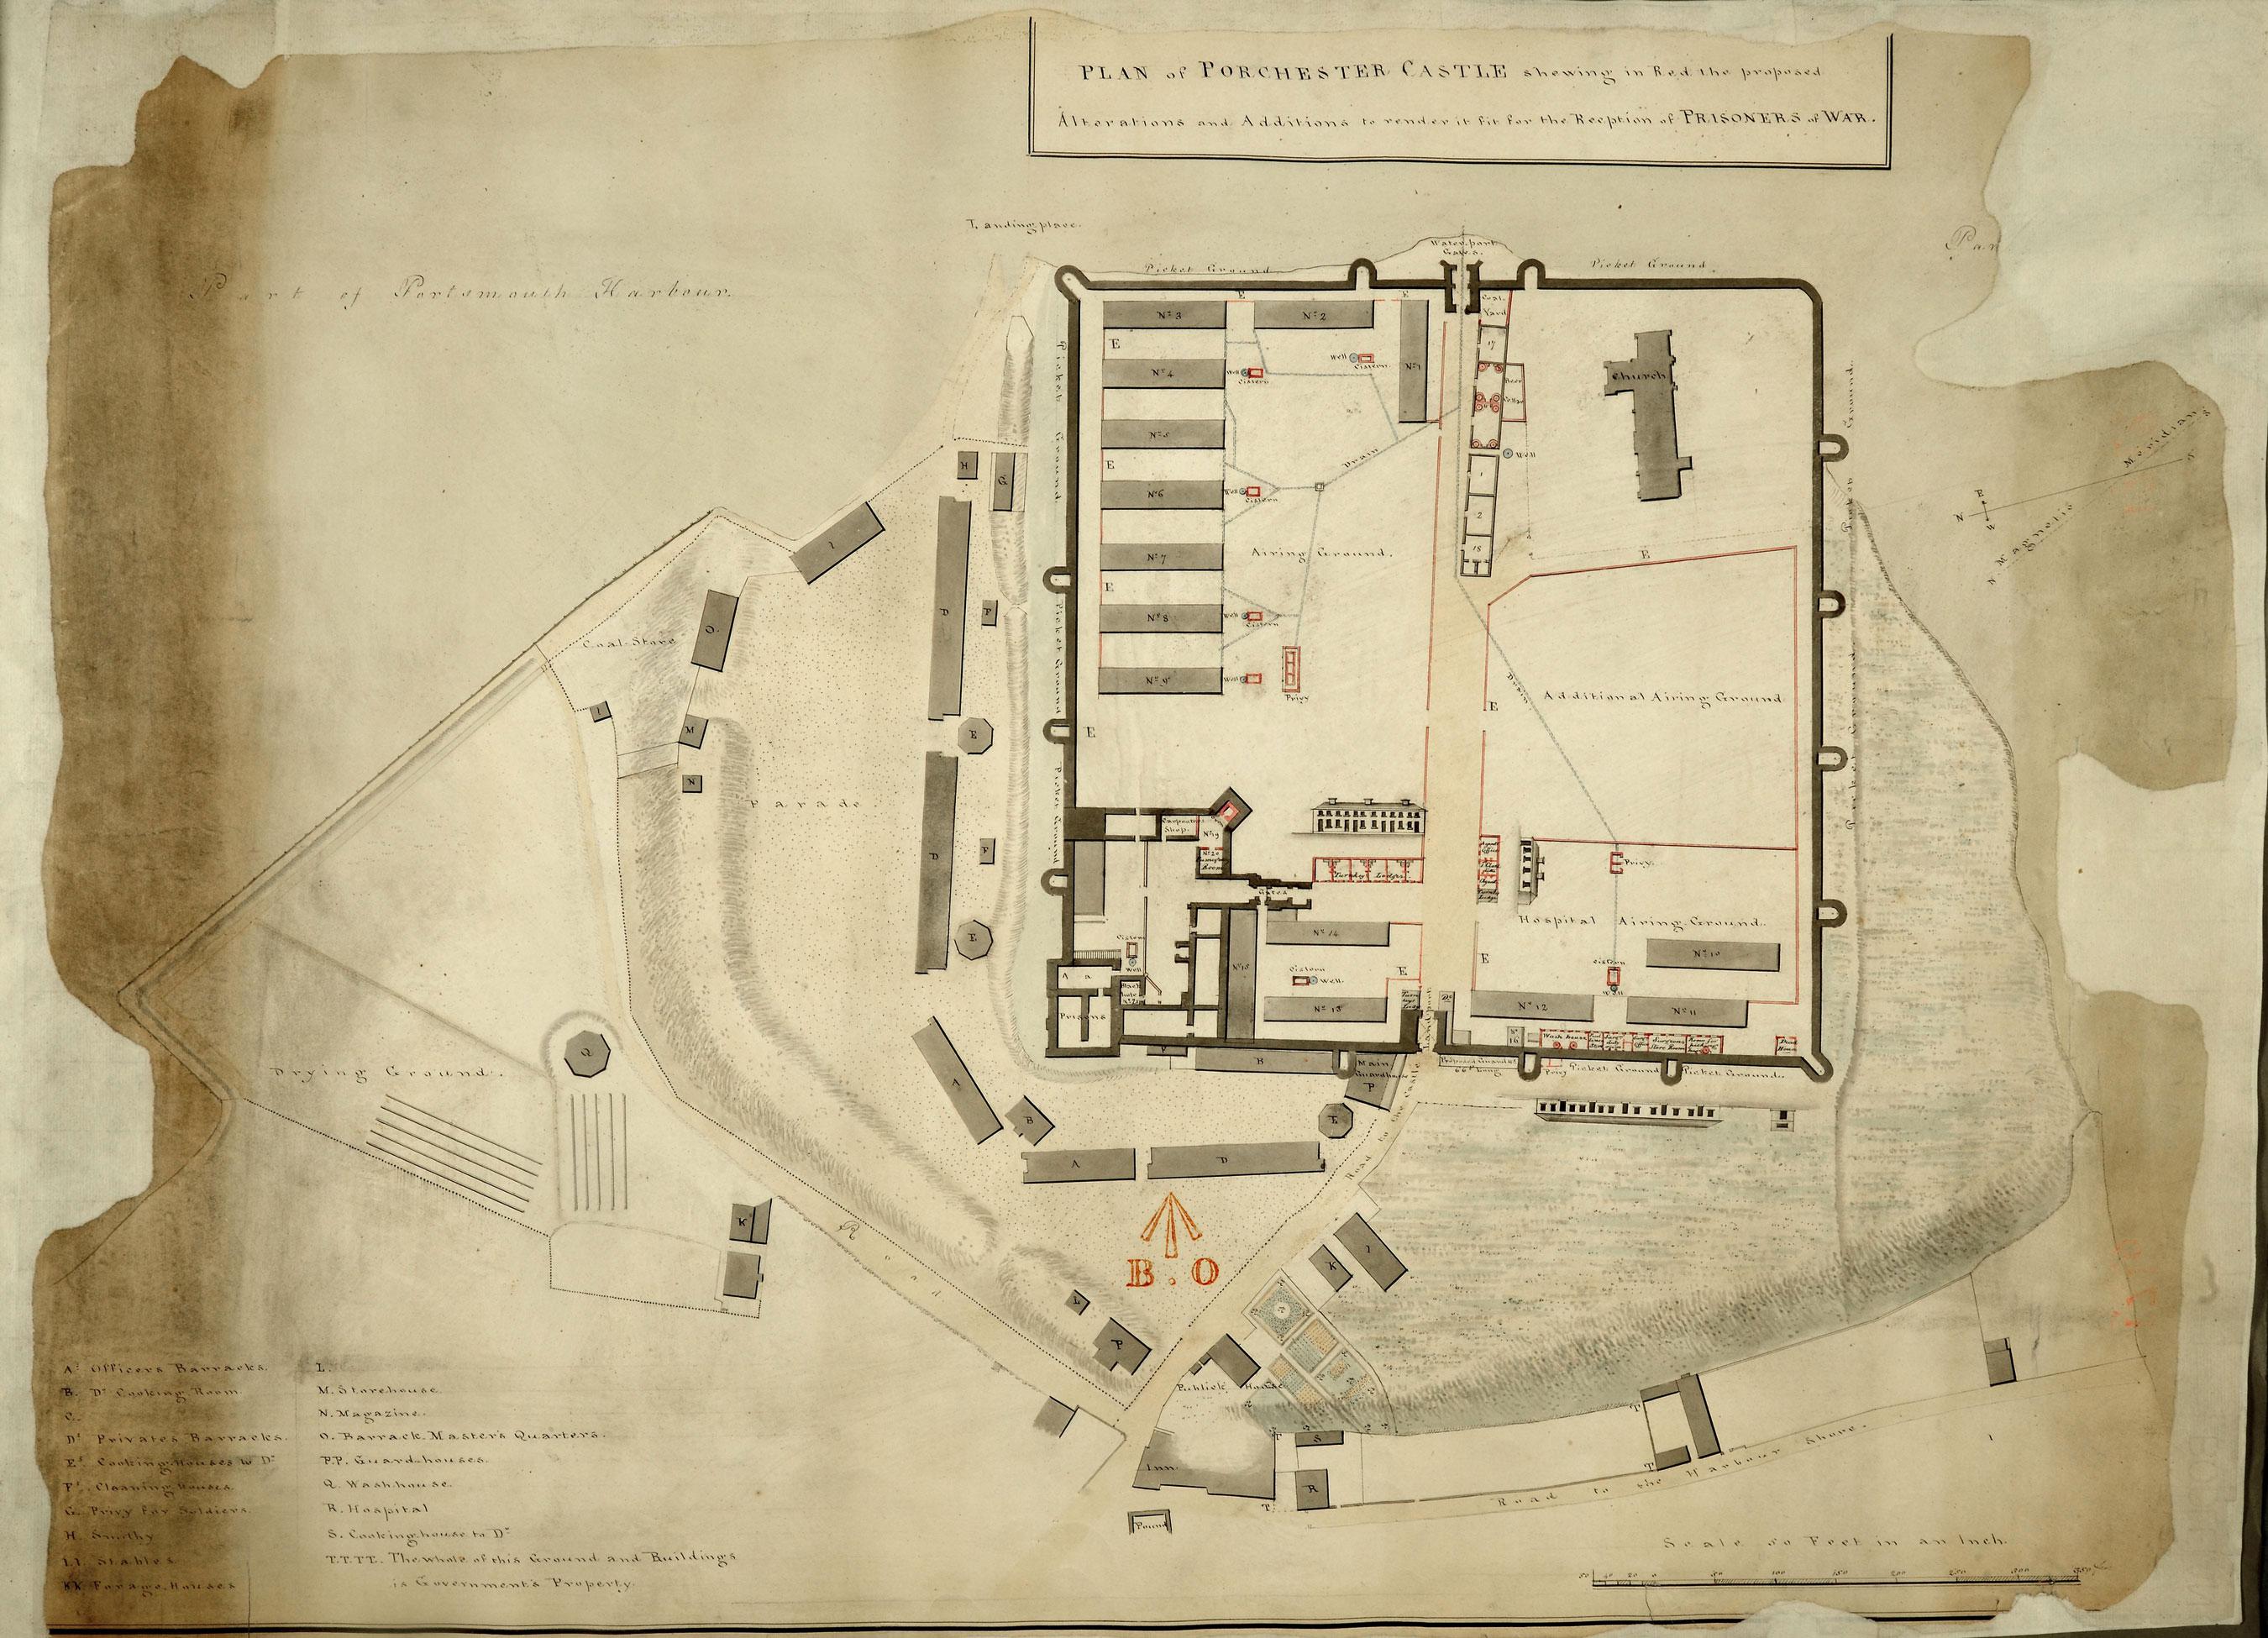 MPH1/516 Portchester castle 1800